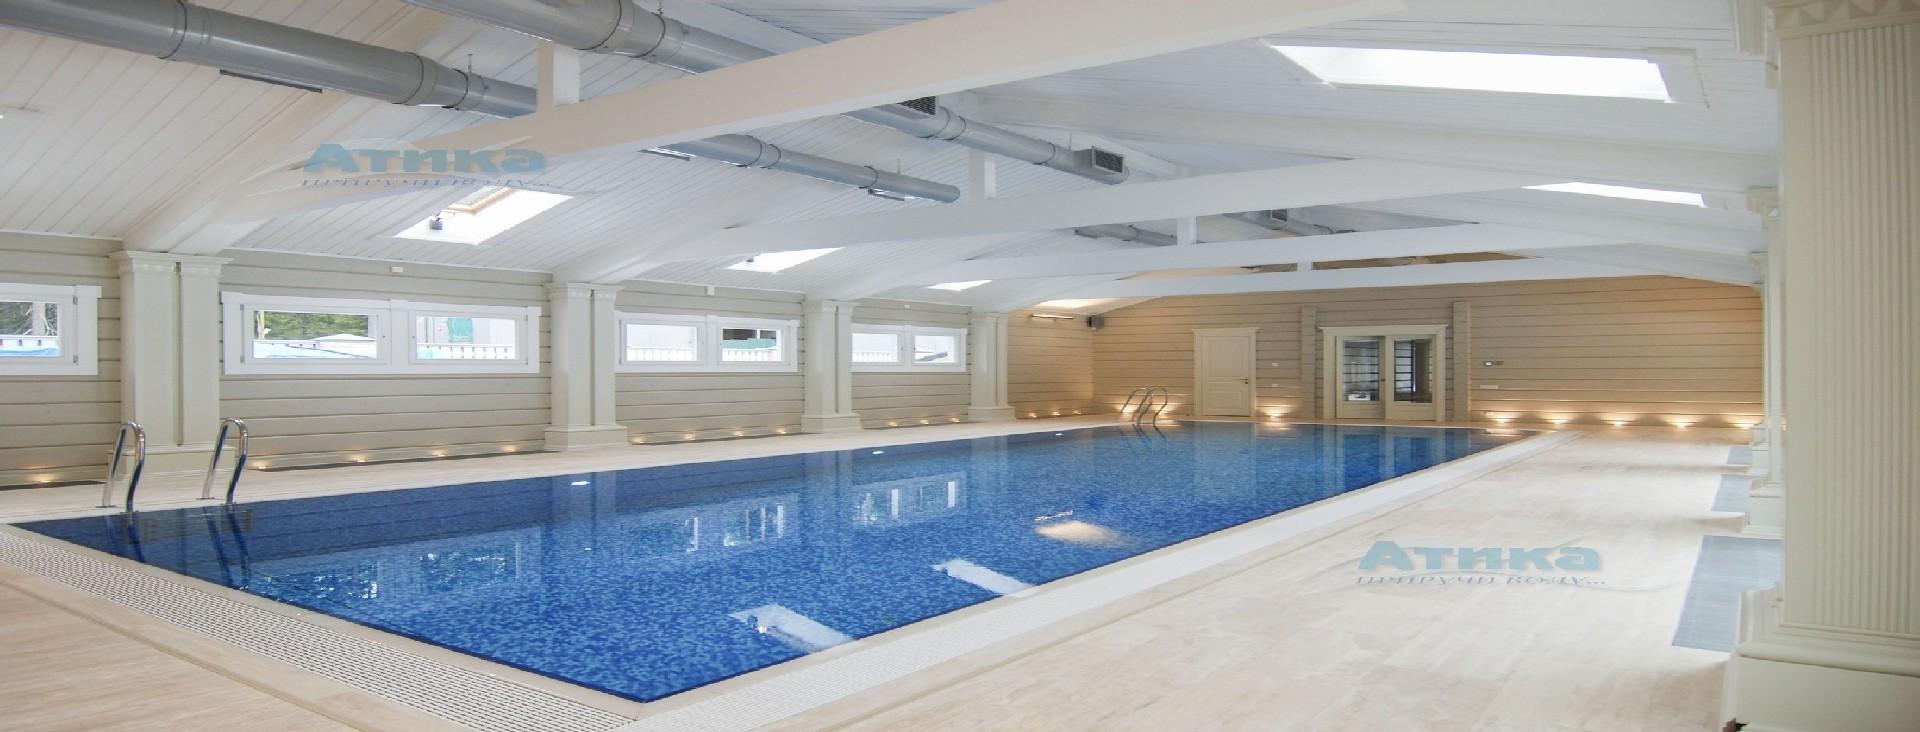 Приточно-вытяжная вентиляция и осушение воздуха в помещении бассейнов.